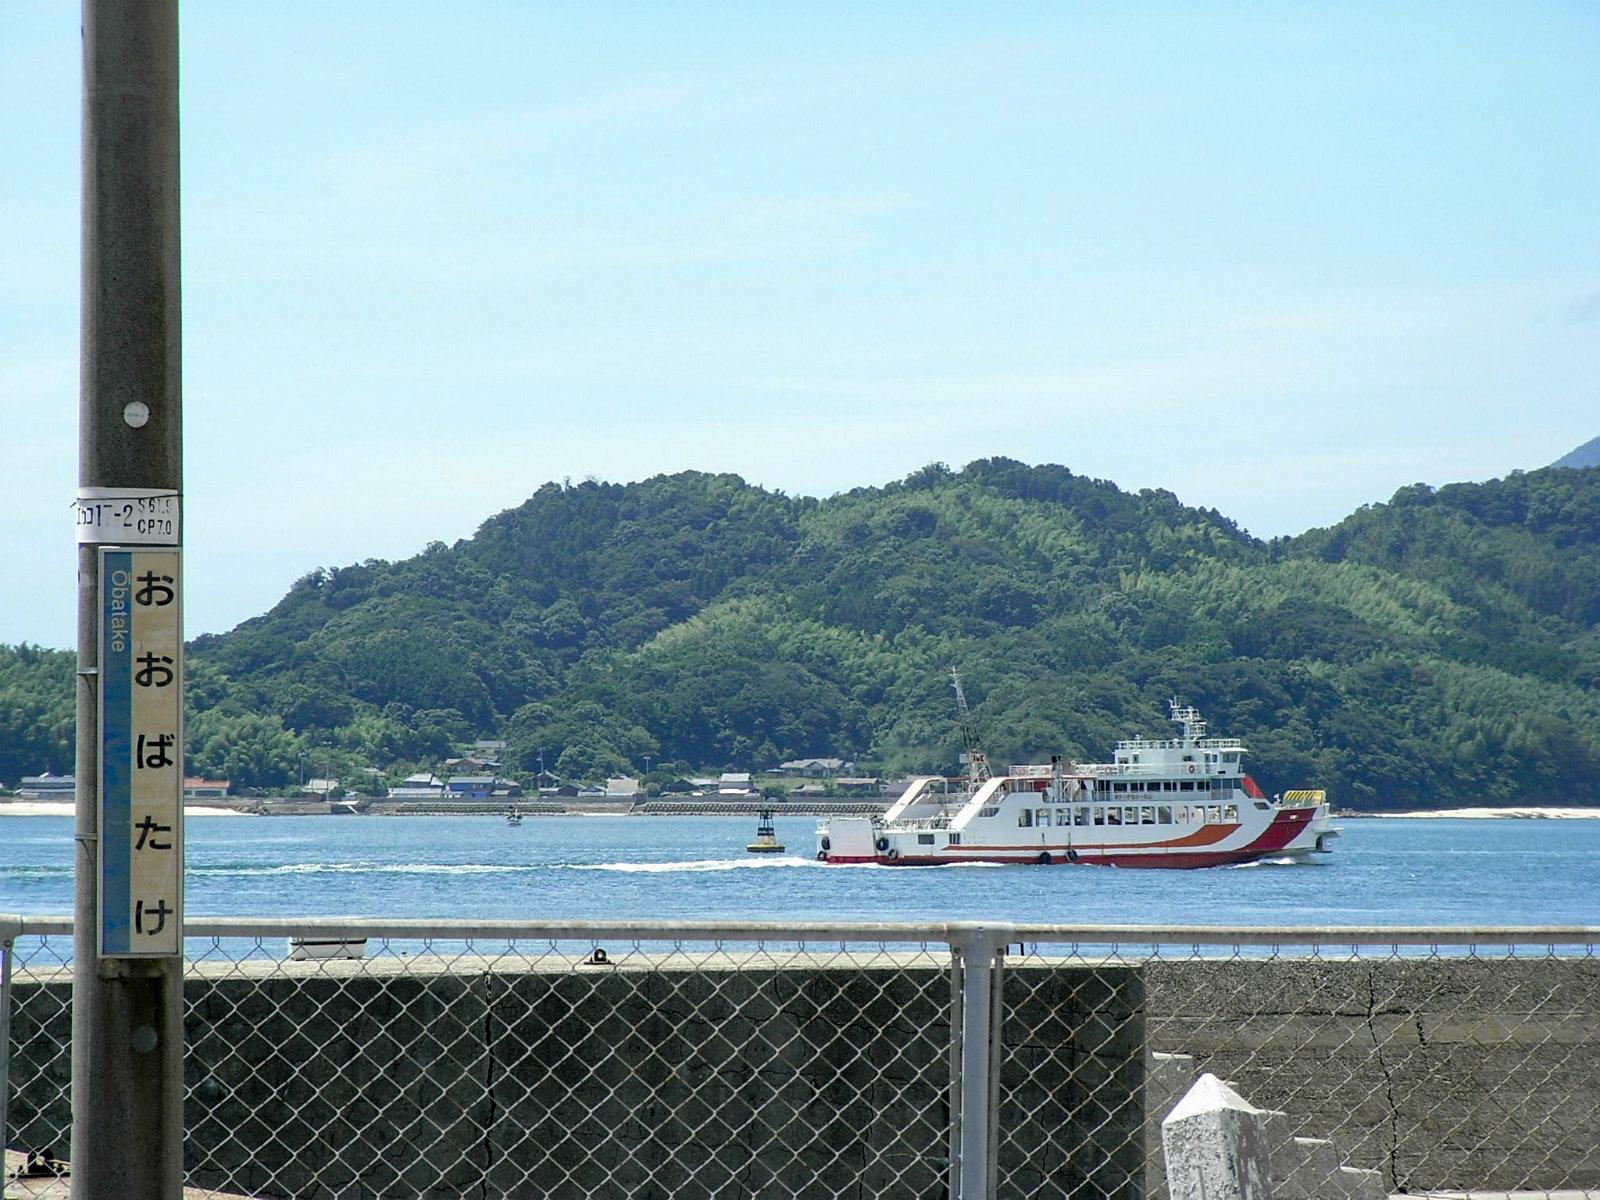 大畠駅から見た瀬戸内海とフェリー「オレンジライン」